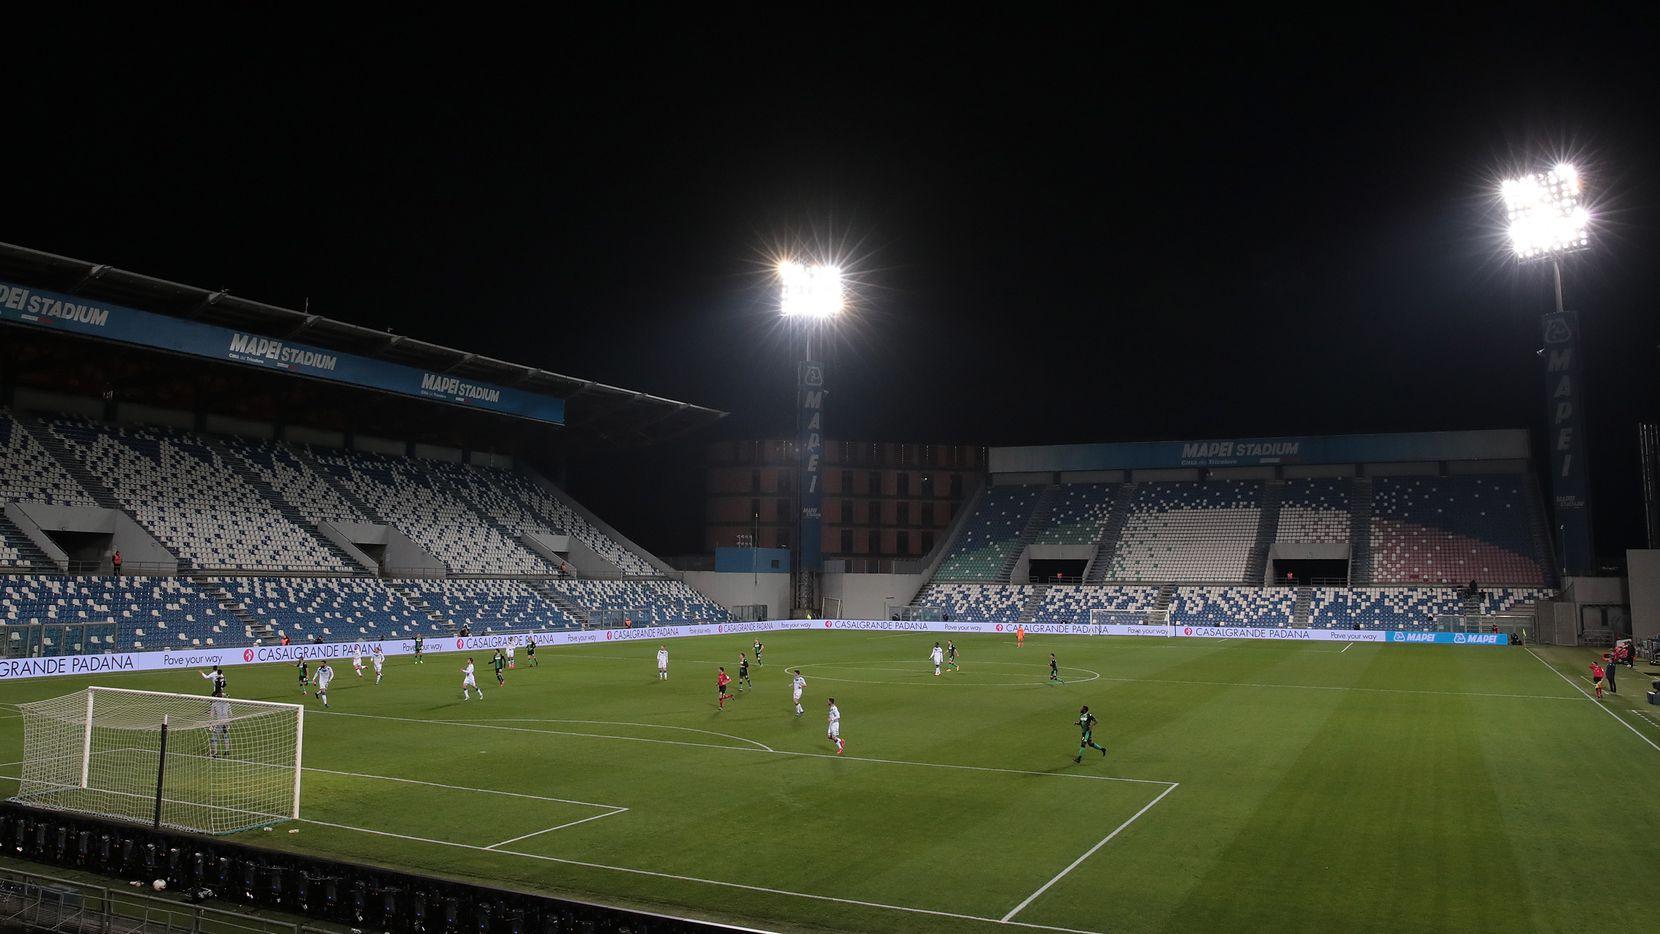 En Europa las medidas han sido más extremas hasta llegar a jugar partidos sin gente en los estadios.